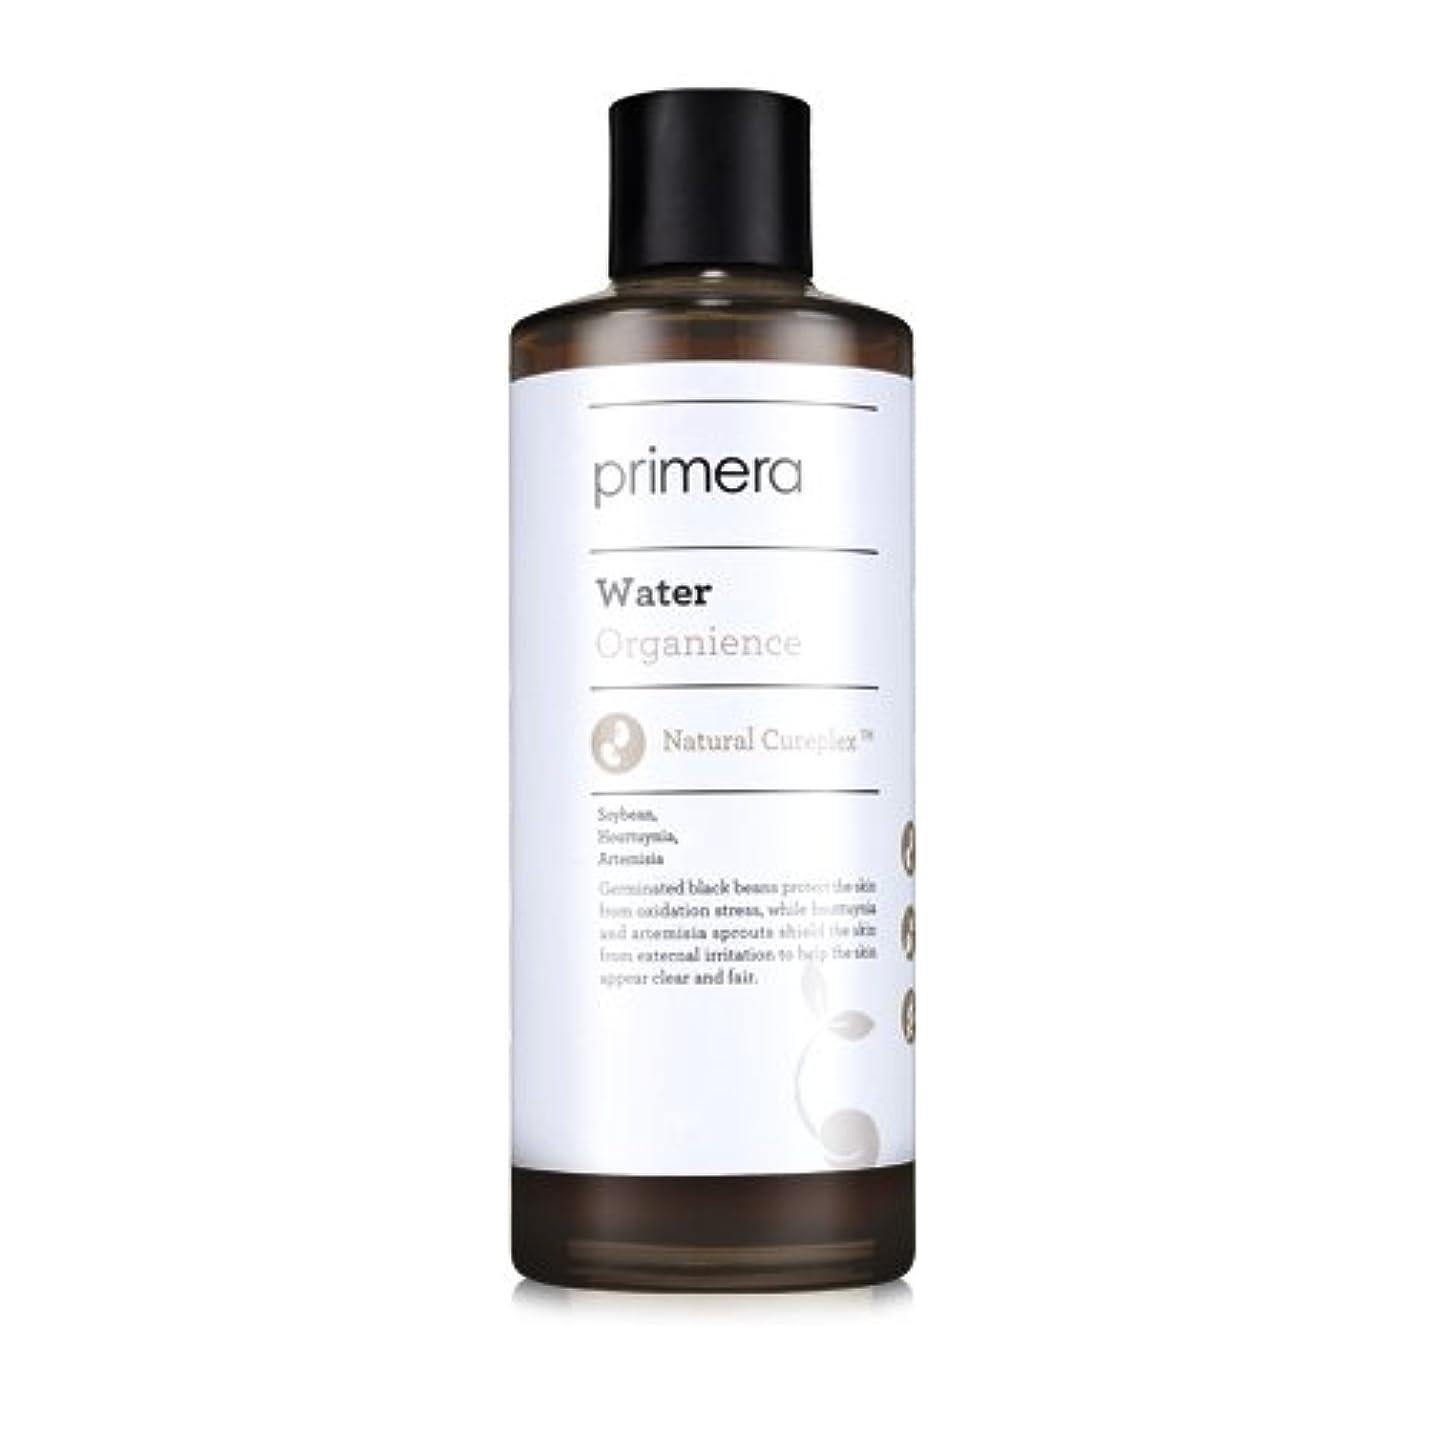 筋肉のミニオークPRIMERA プリメラ オーガニエンス エマルジョン(Organience Emulsion)乳液 150ml